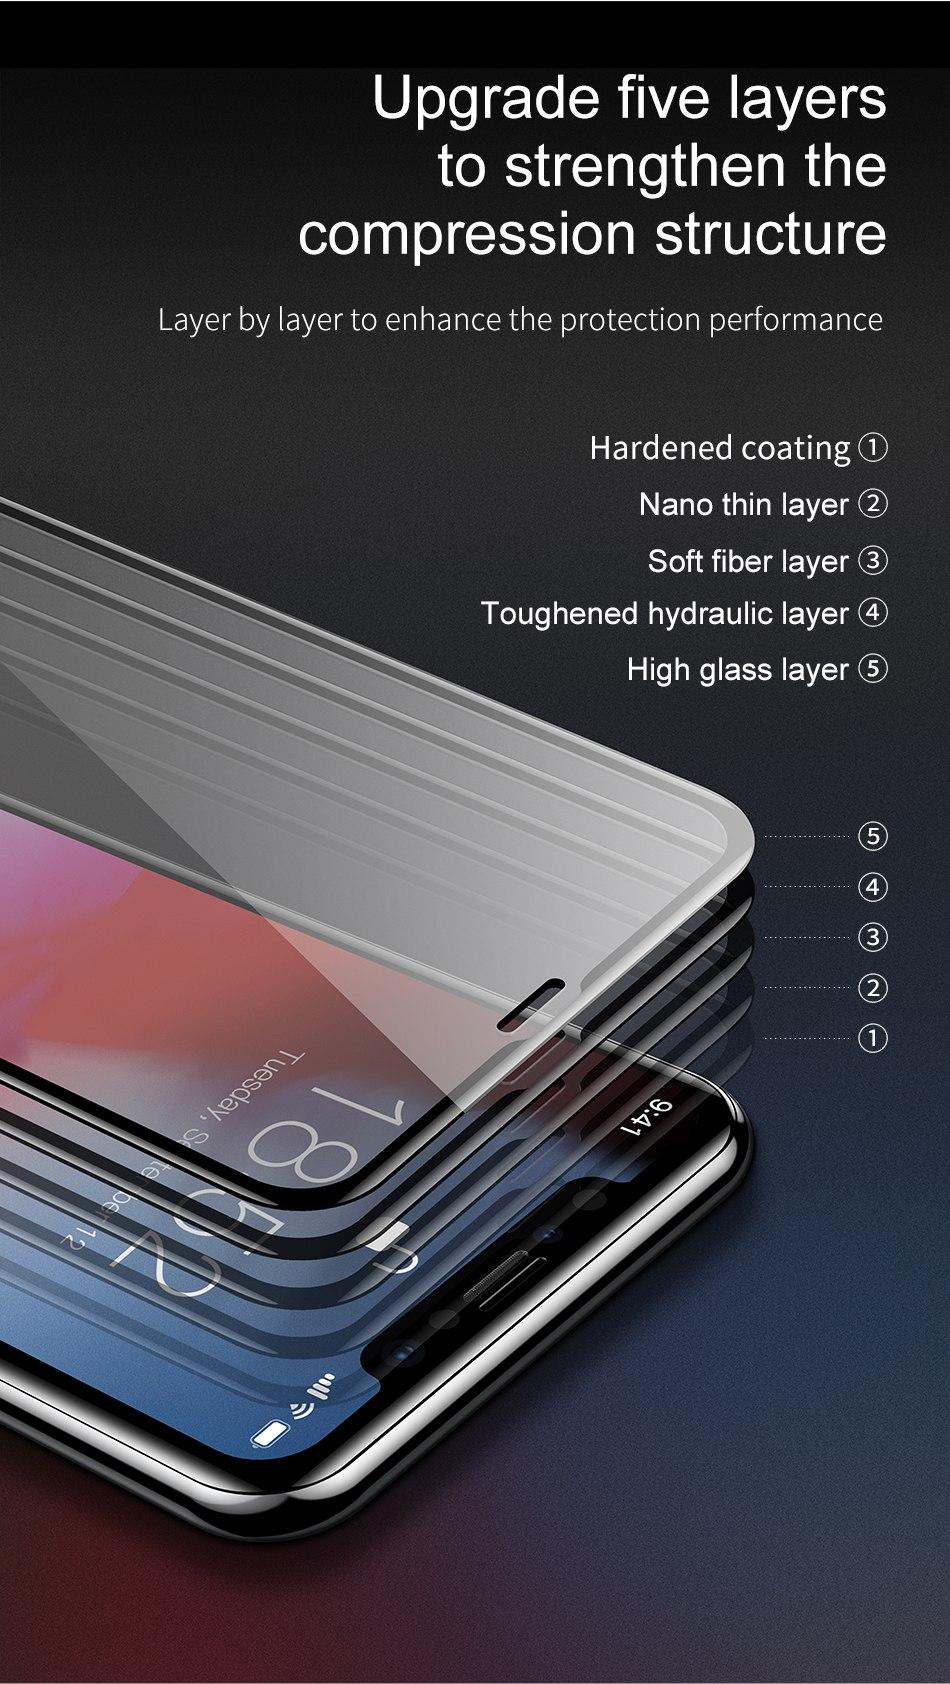 Miếng dán kính cường lực Full 3D cho iPhone  11 - 11 Pro - 11 Pro Max - iPhone X - Xs - Xs Max - XR hiệu TOTU